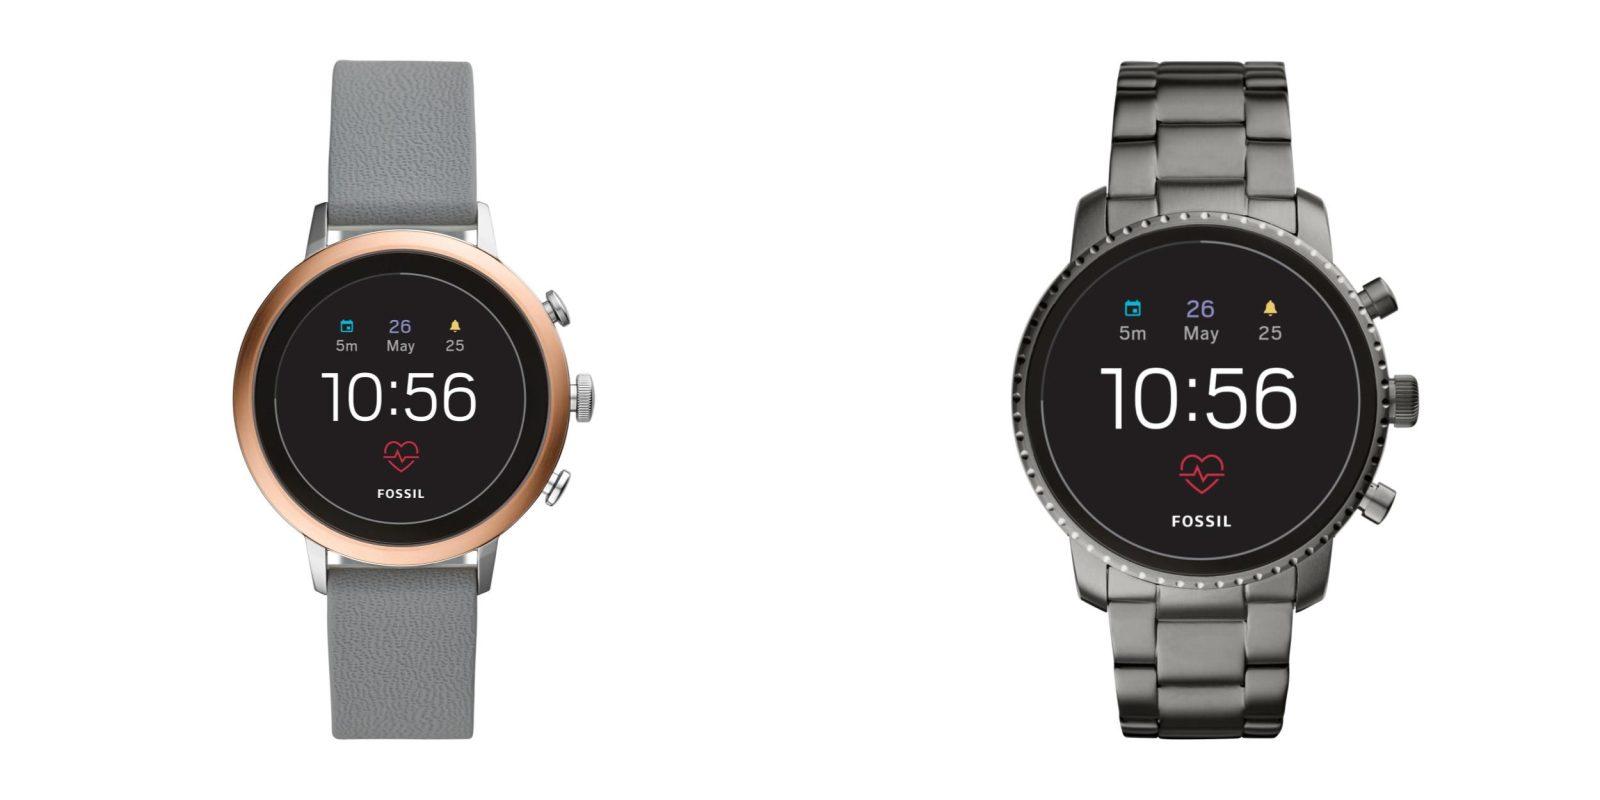 c4505d785 Fossil announces Gen 4 Q Venture HR, Q Explorist HR w/ NFC & GPS, but last  gen chip